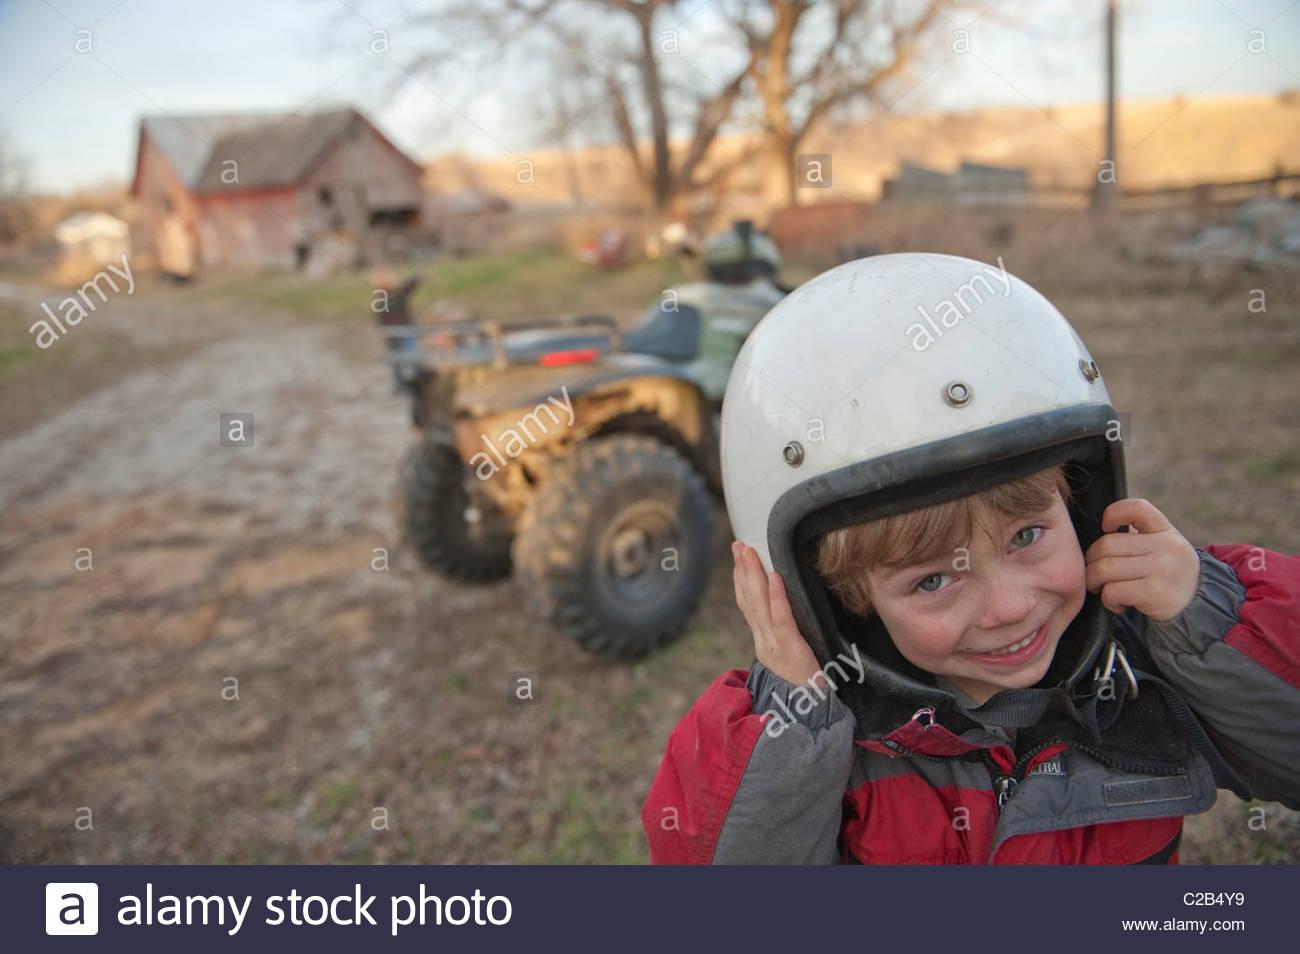 Ein Junge trägt einen Schutzhelm auf einer Farm in Dunbar, Nebraska. Stockbild